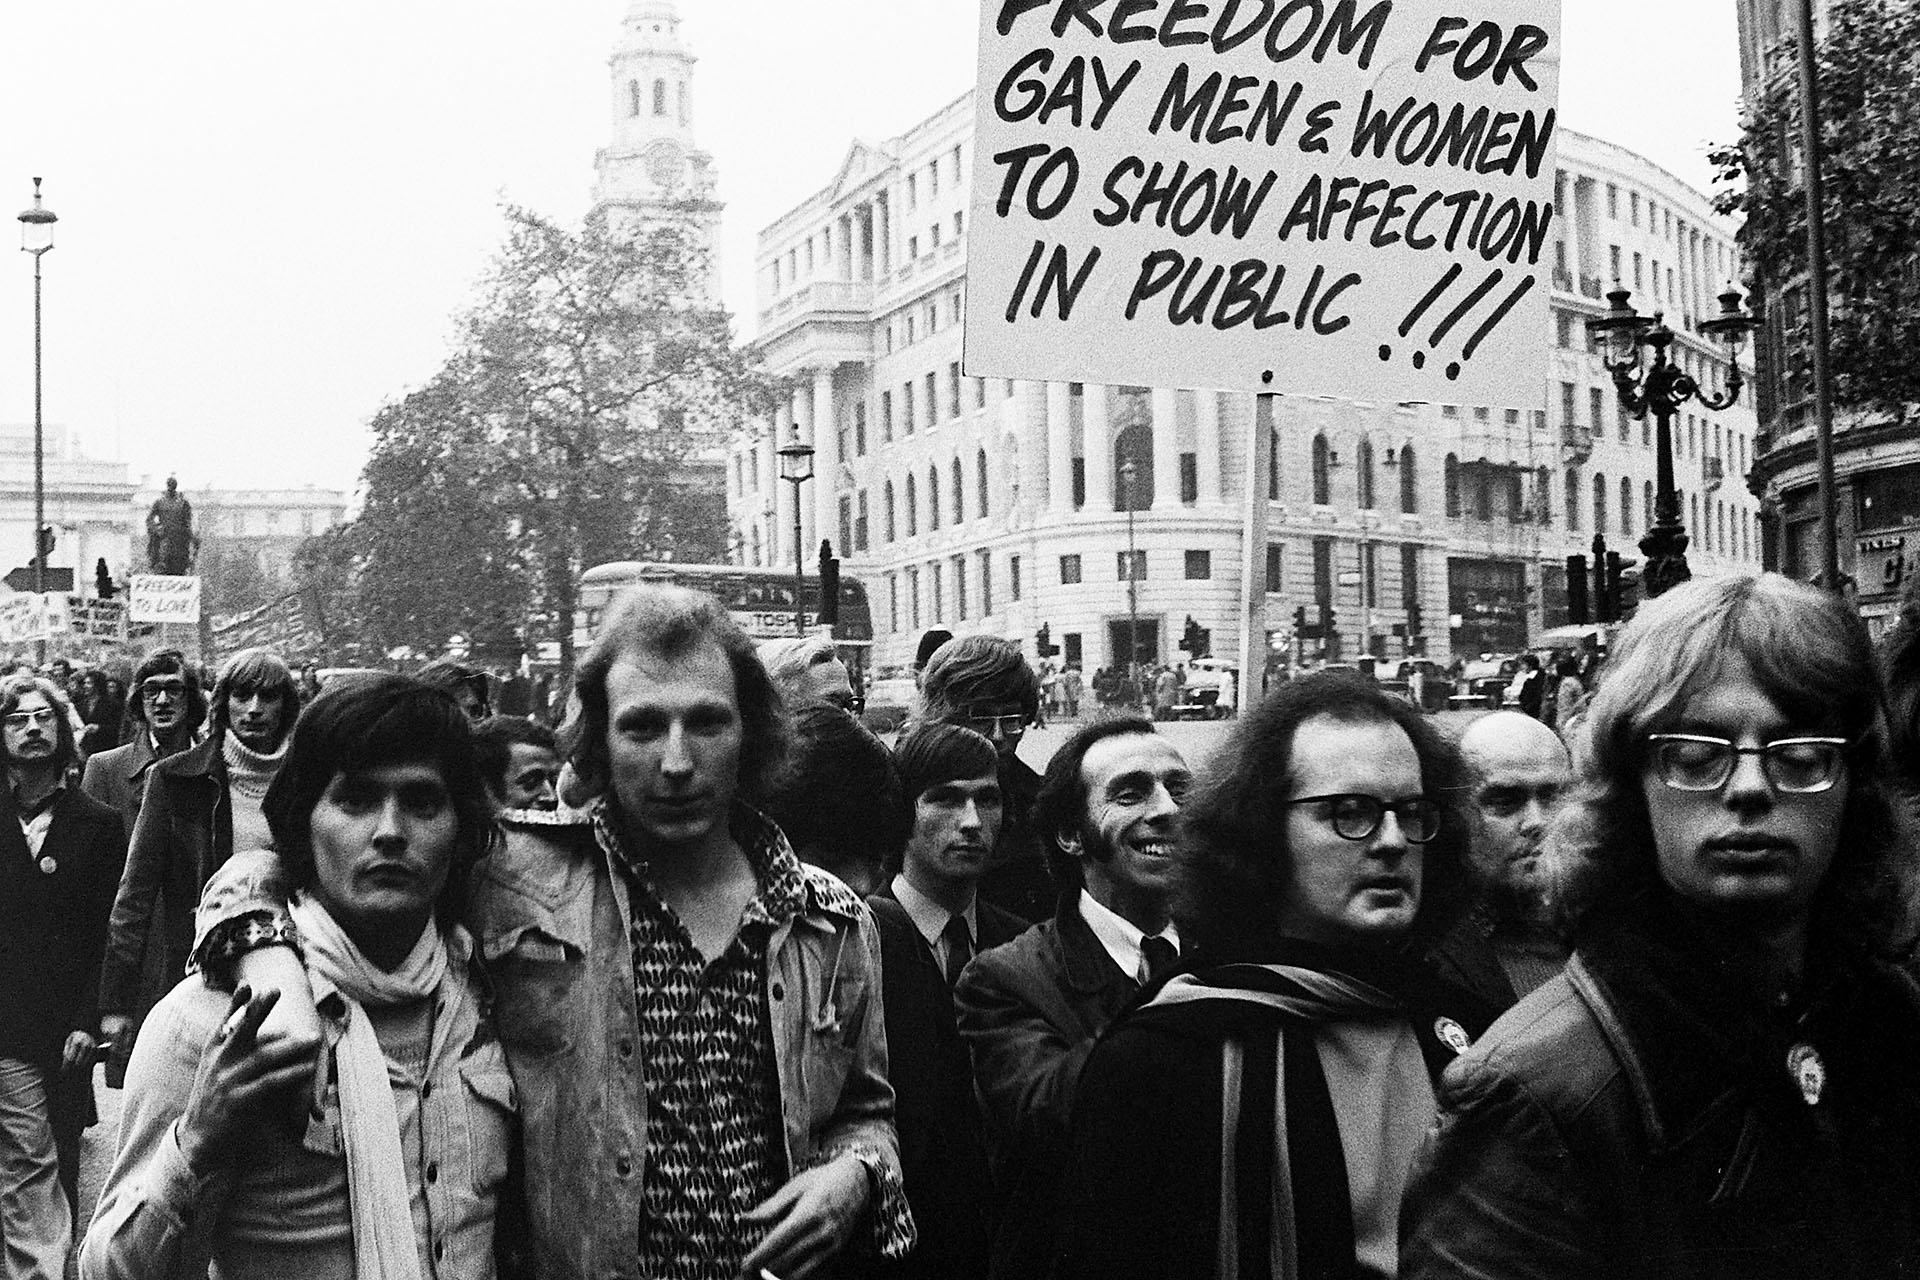 El 28 de agosto de 1971 la marcha en Londres partió desde Hyde Park hacia Trafalgar Square en una campaña por la igualdad de derechos para los homosexuales